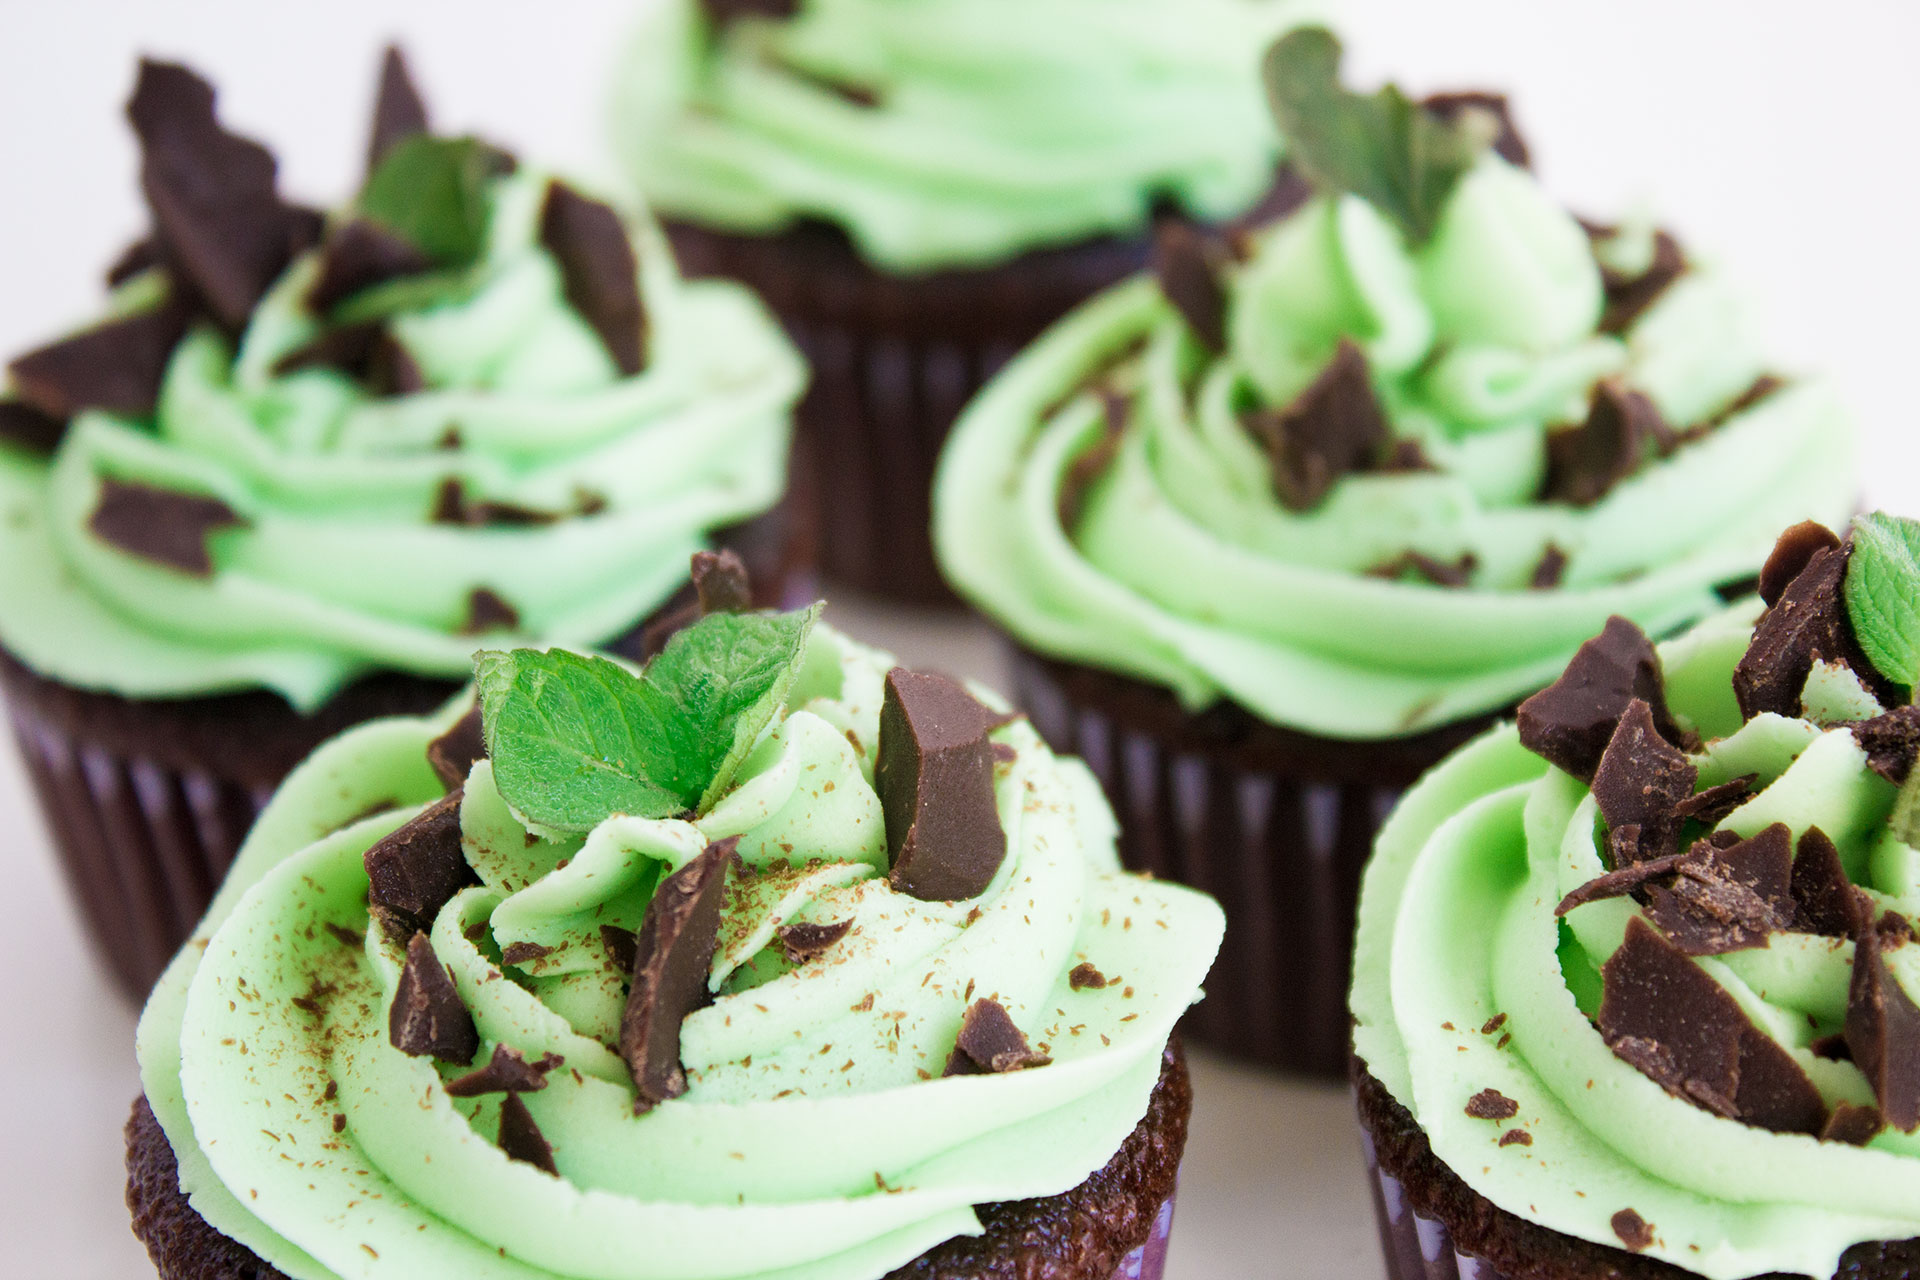 cupcakes de menta y chocolate